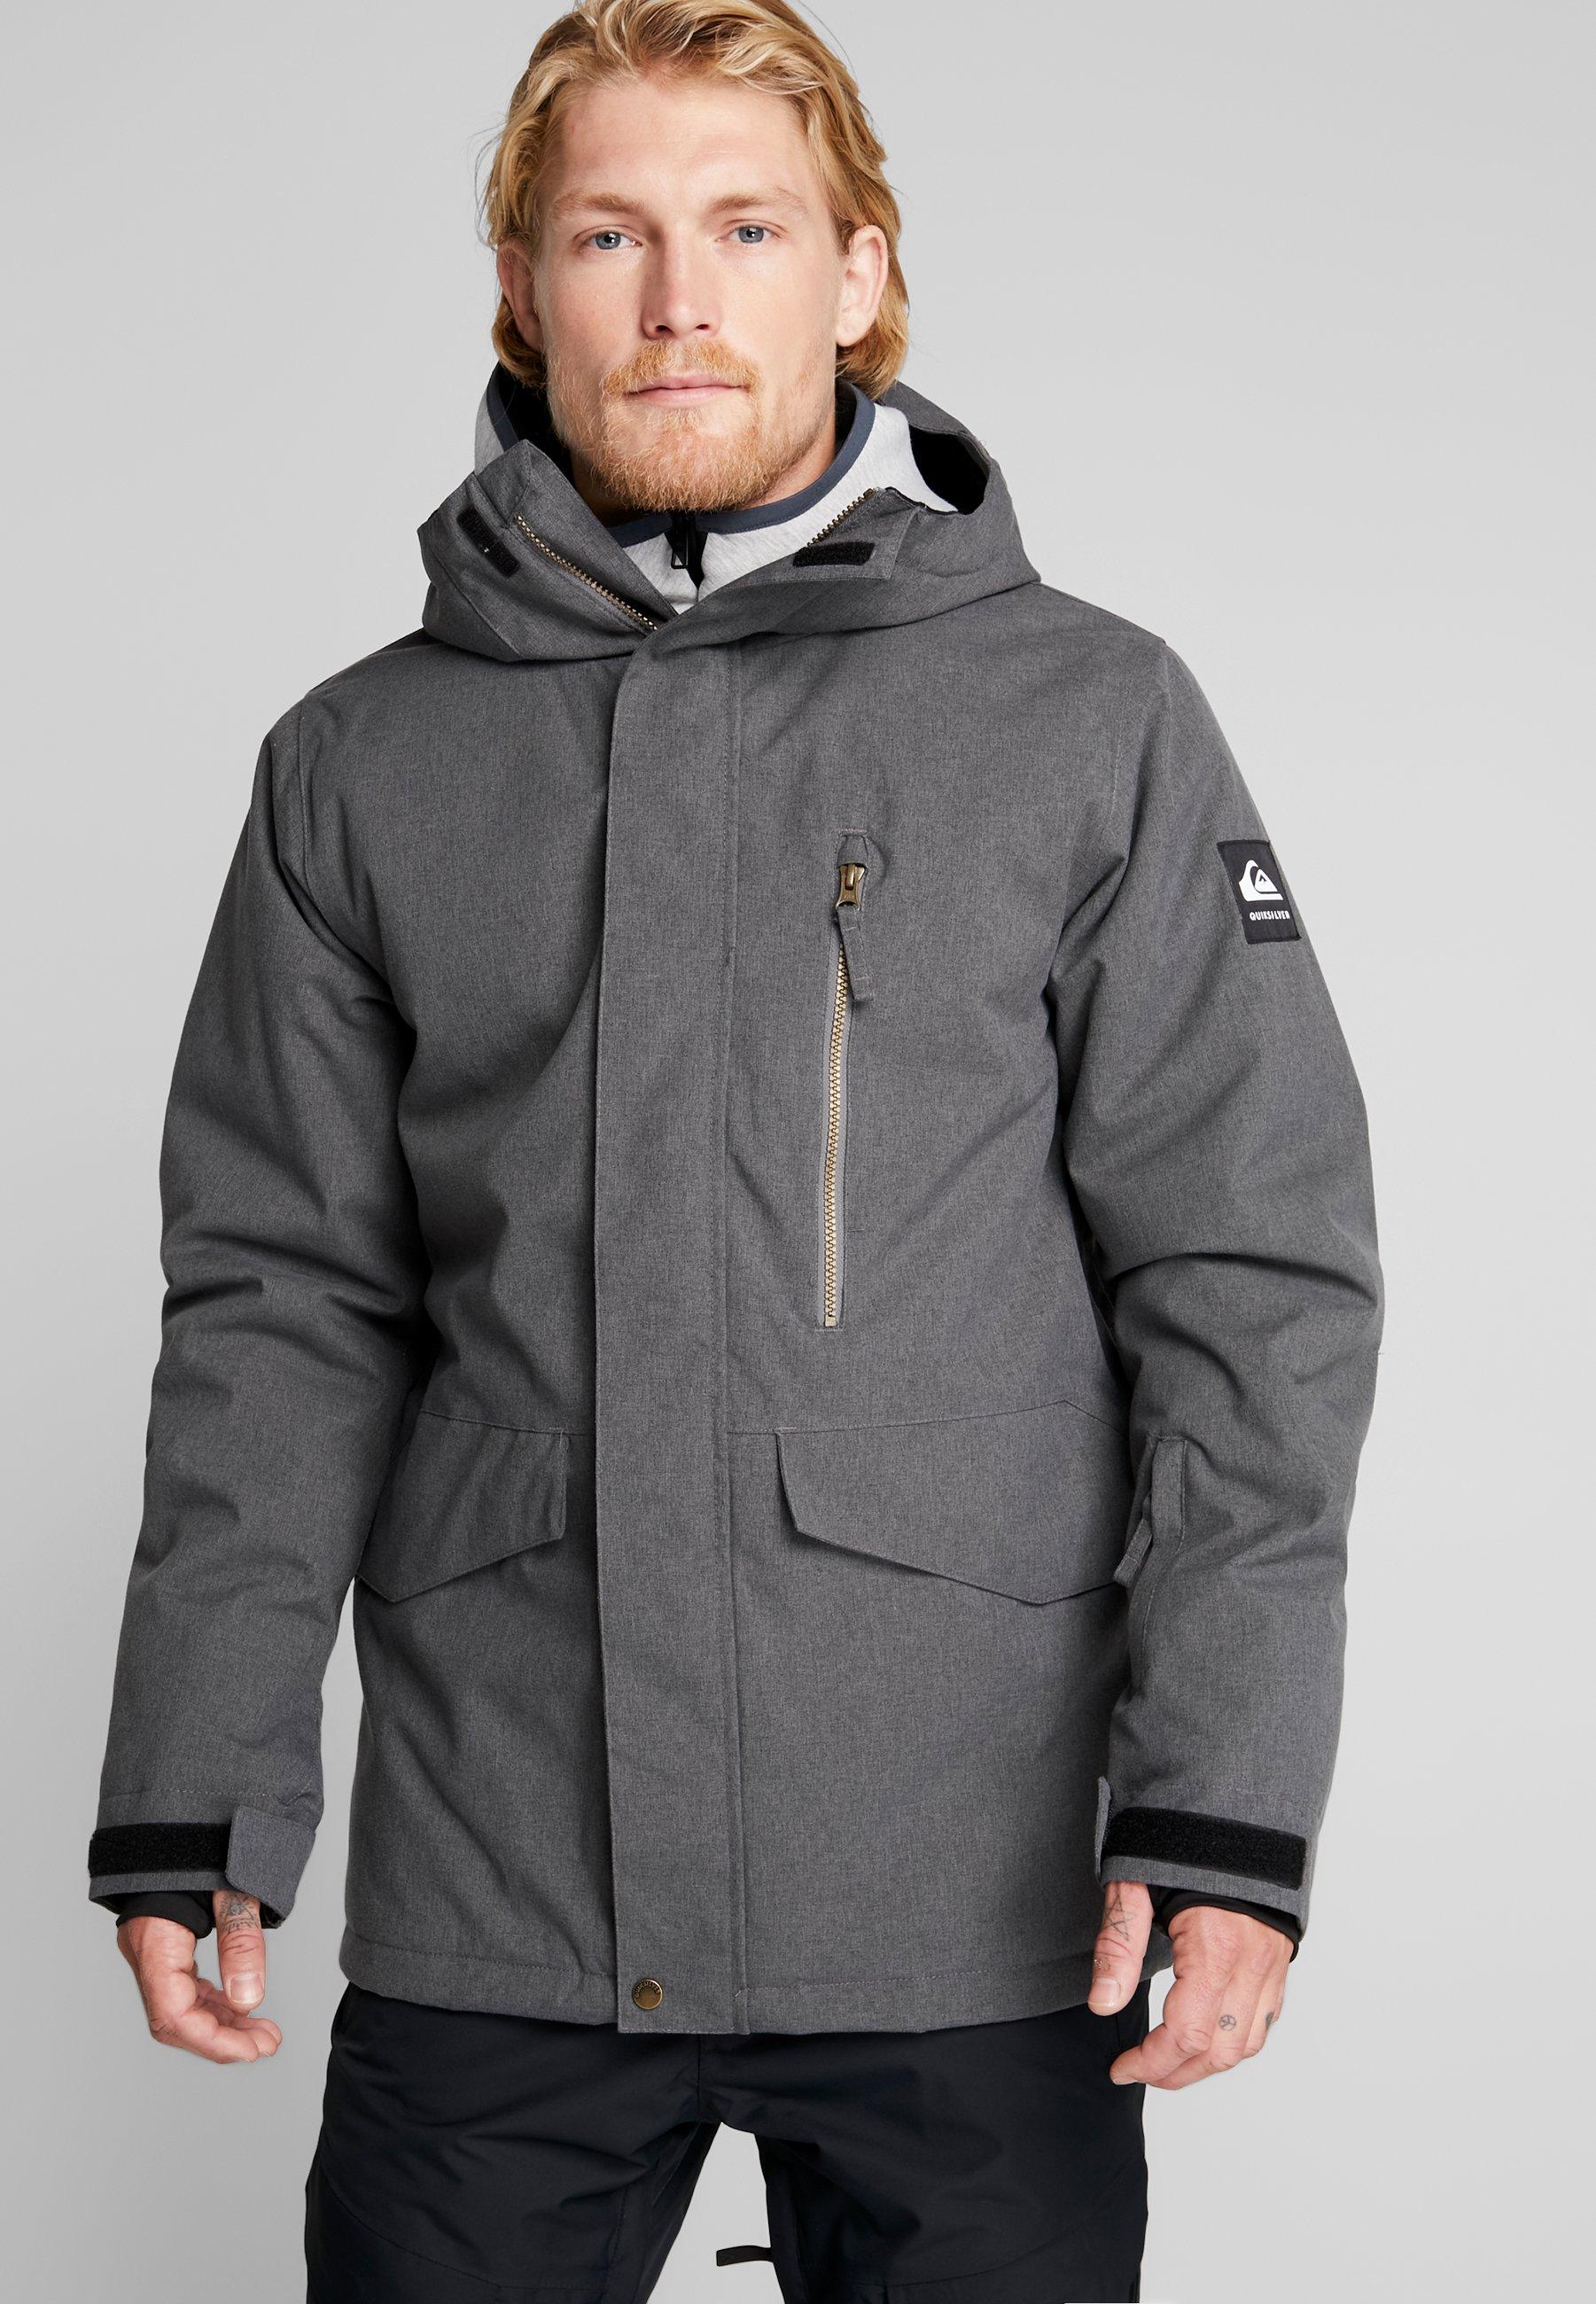 Ski Jacken & Snowboardjacken Größe L für Herren